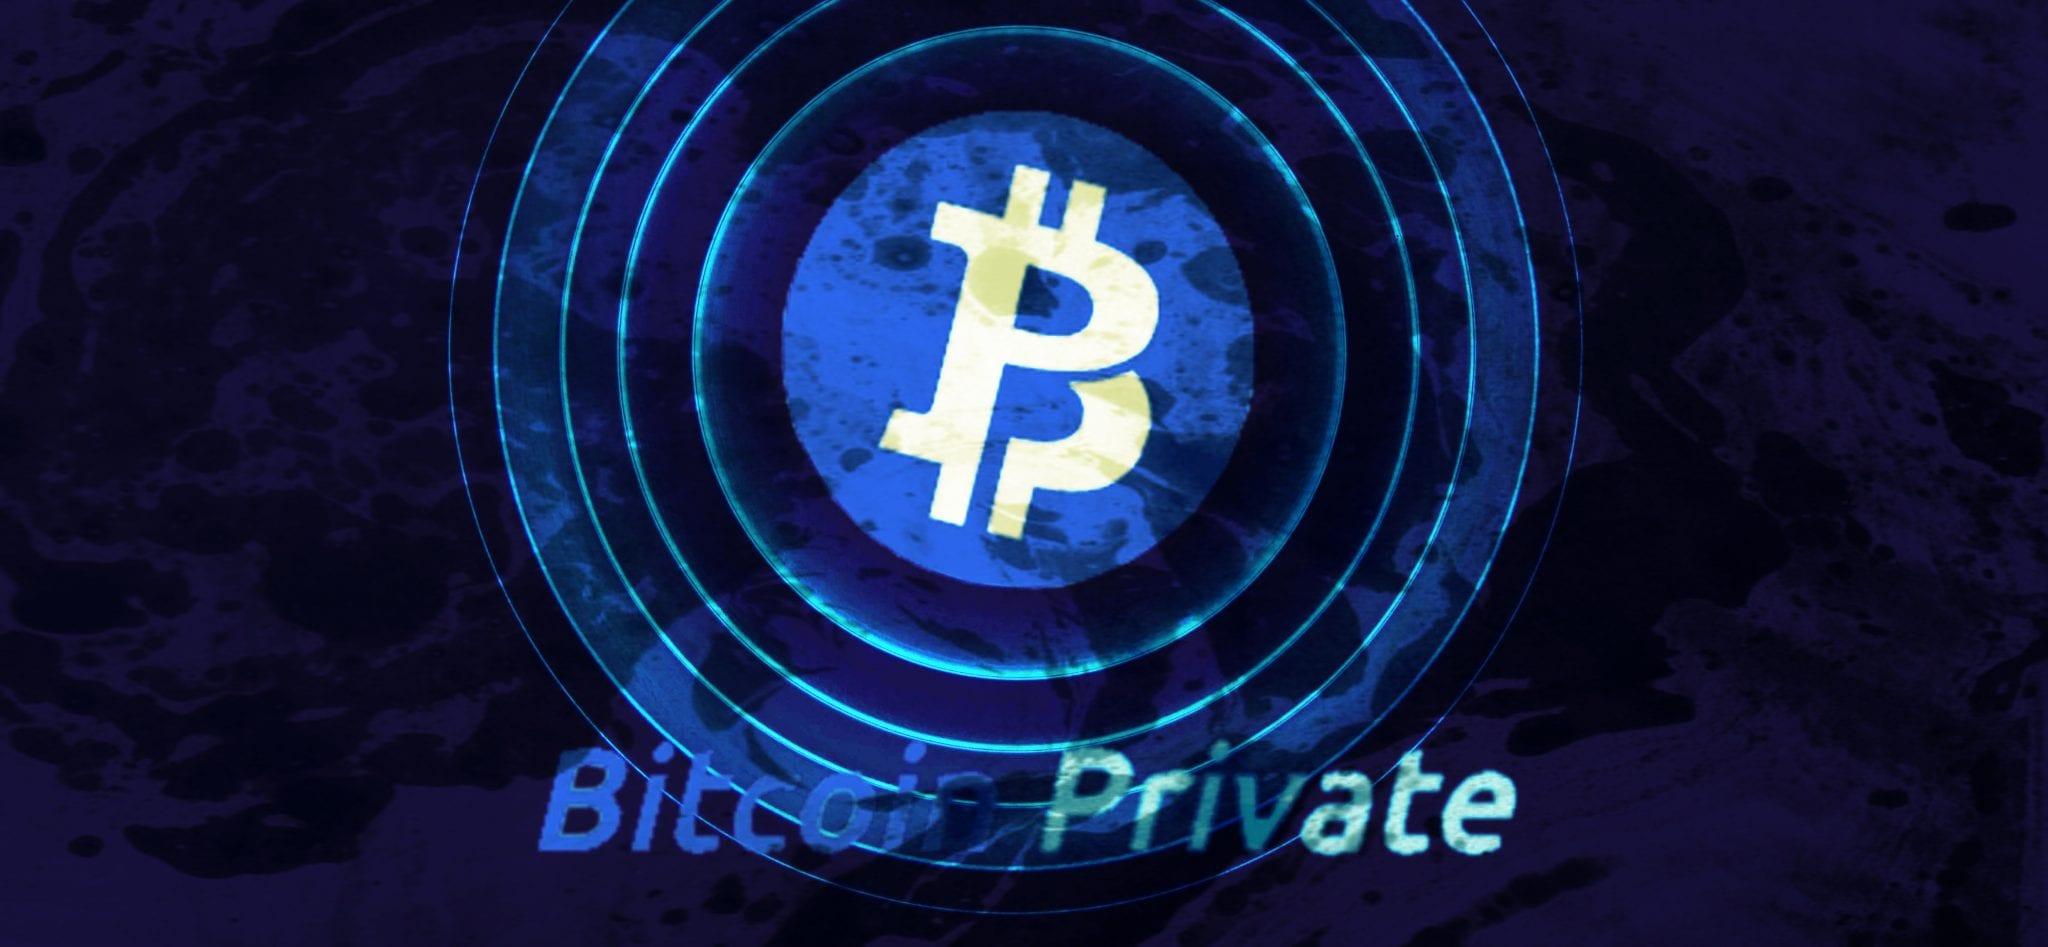 MoneroBitcoin Private 2 - Monero vs. Bitcoin Private - Market Potential Battle: User Base, Technology, and Community